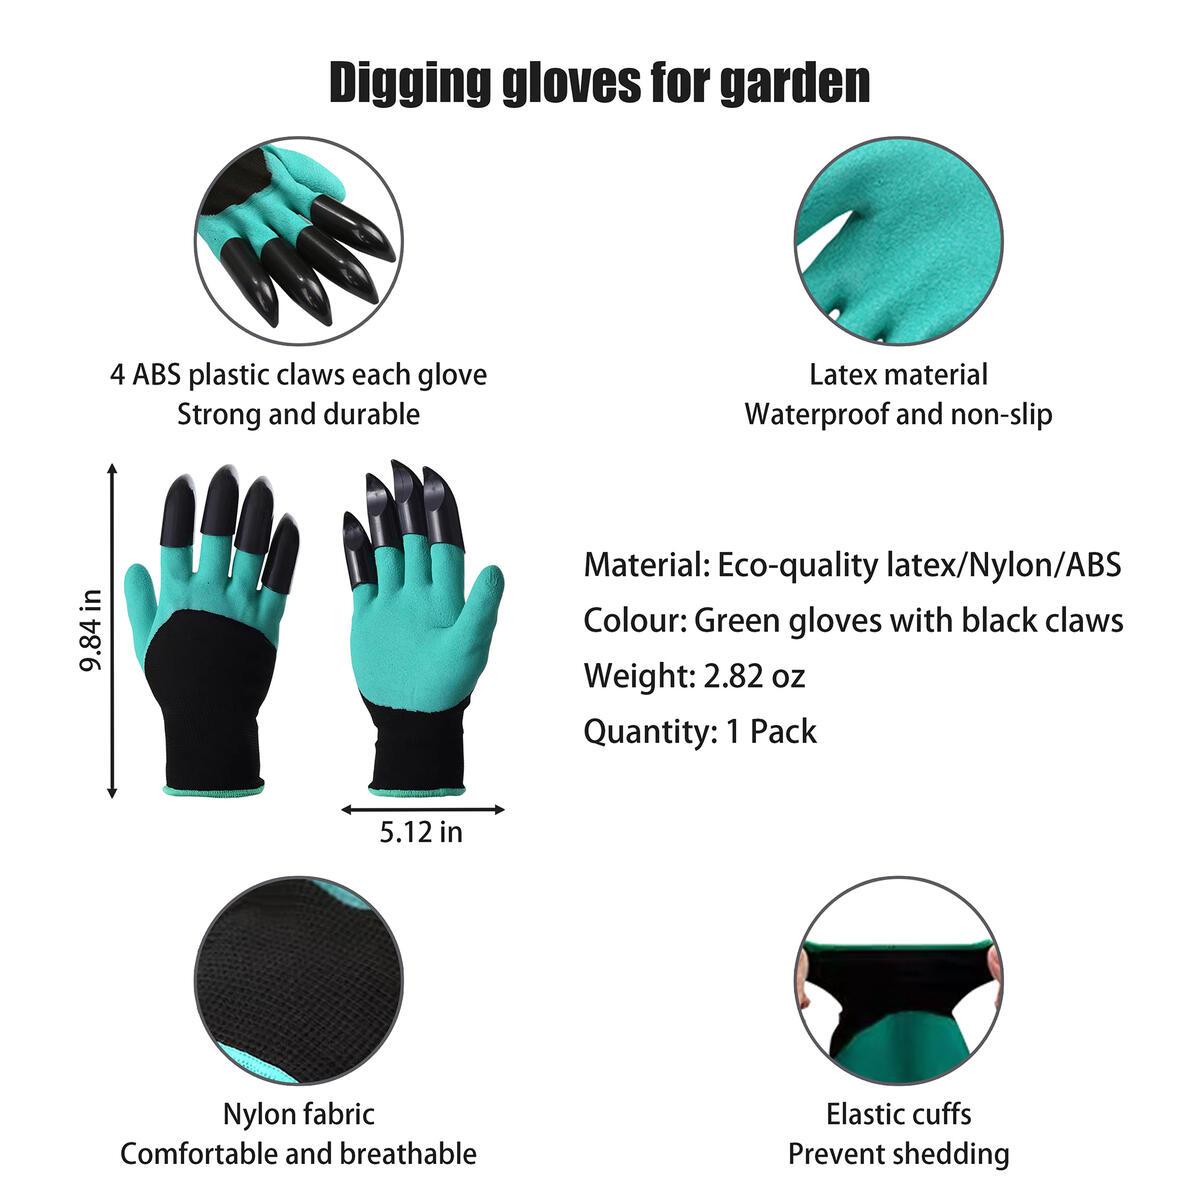 Family Garden Planting Gadget Tools 10pcs Set-6pcs Plant Fabric Grow Bag 1/3/5Gallon,2pcs Potato/Tomato/Onion/Vegetable Fabric Pot 7Gallon,1pcs Gardening Digging Gloves,1pcs Soil Tester Moisture Meter